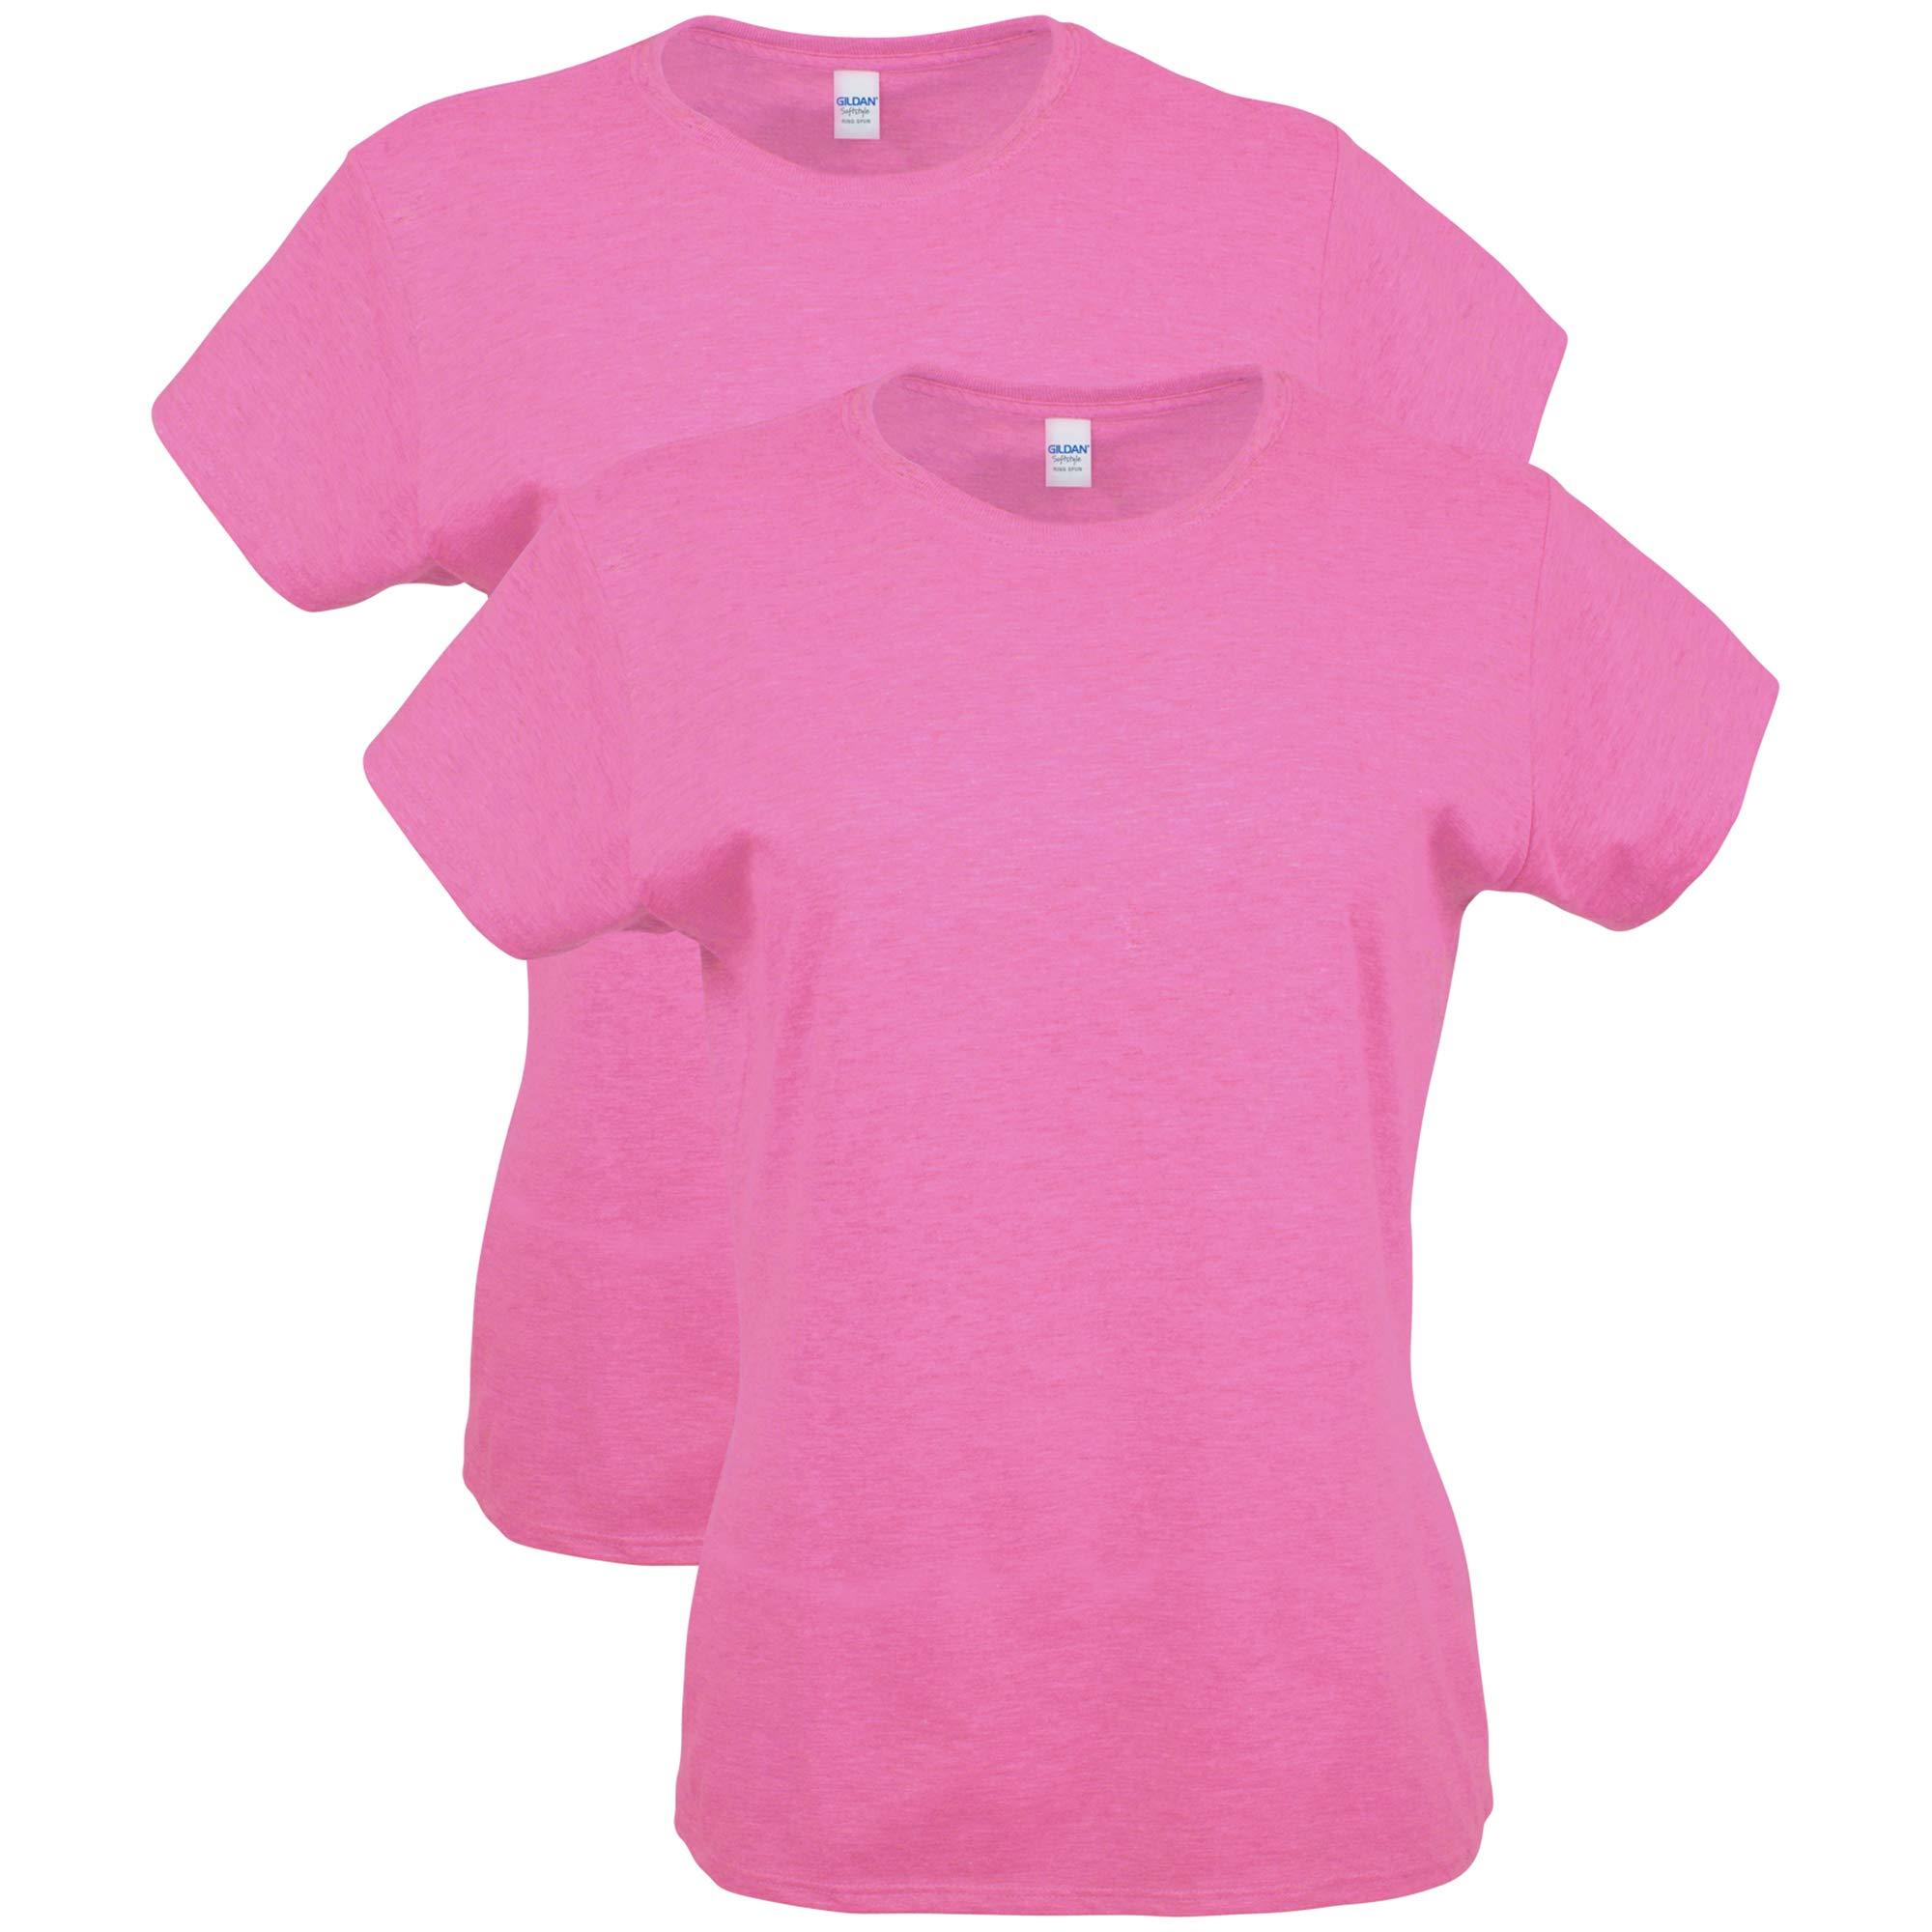 Gildan Women's Softstyle Cotton T-Shirt 2-Pack